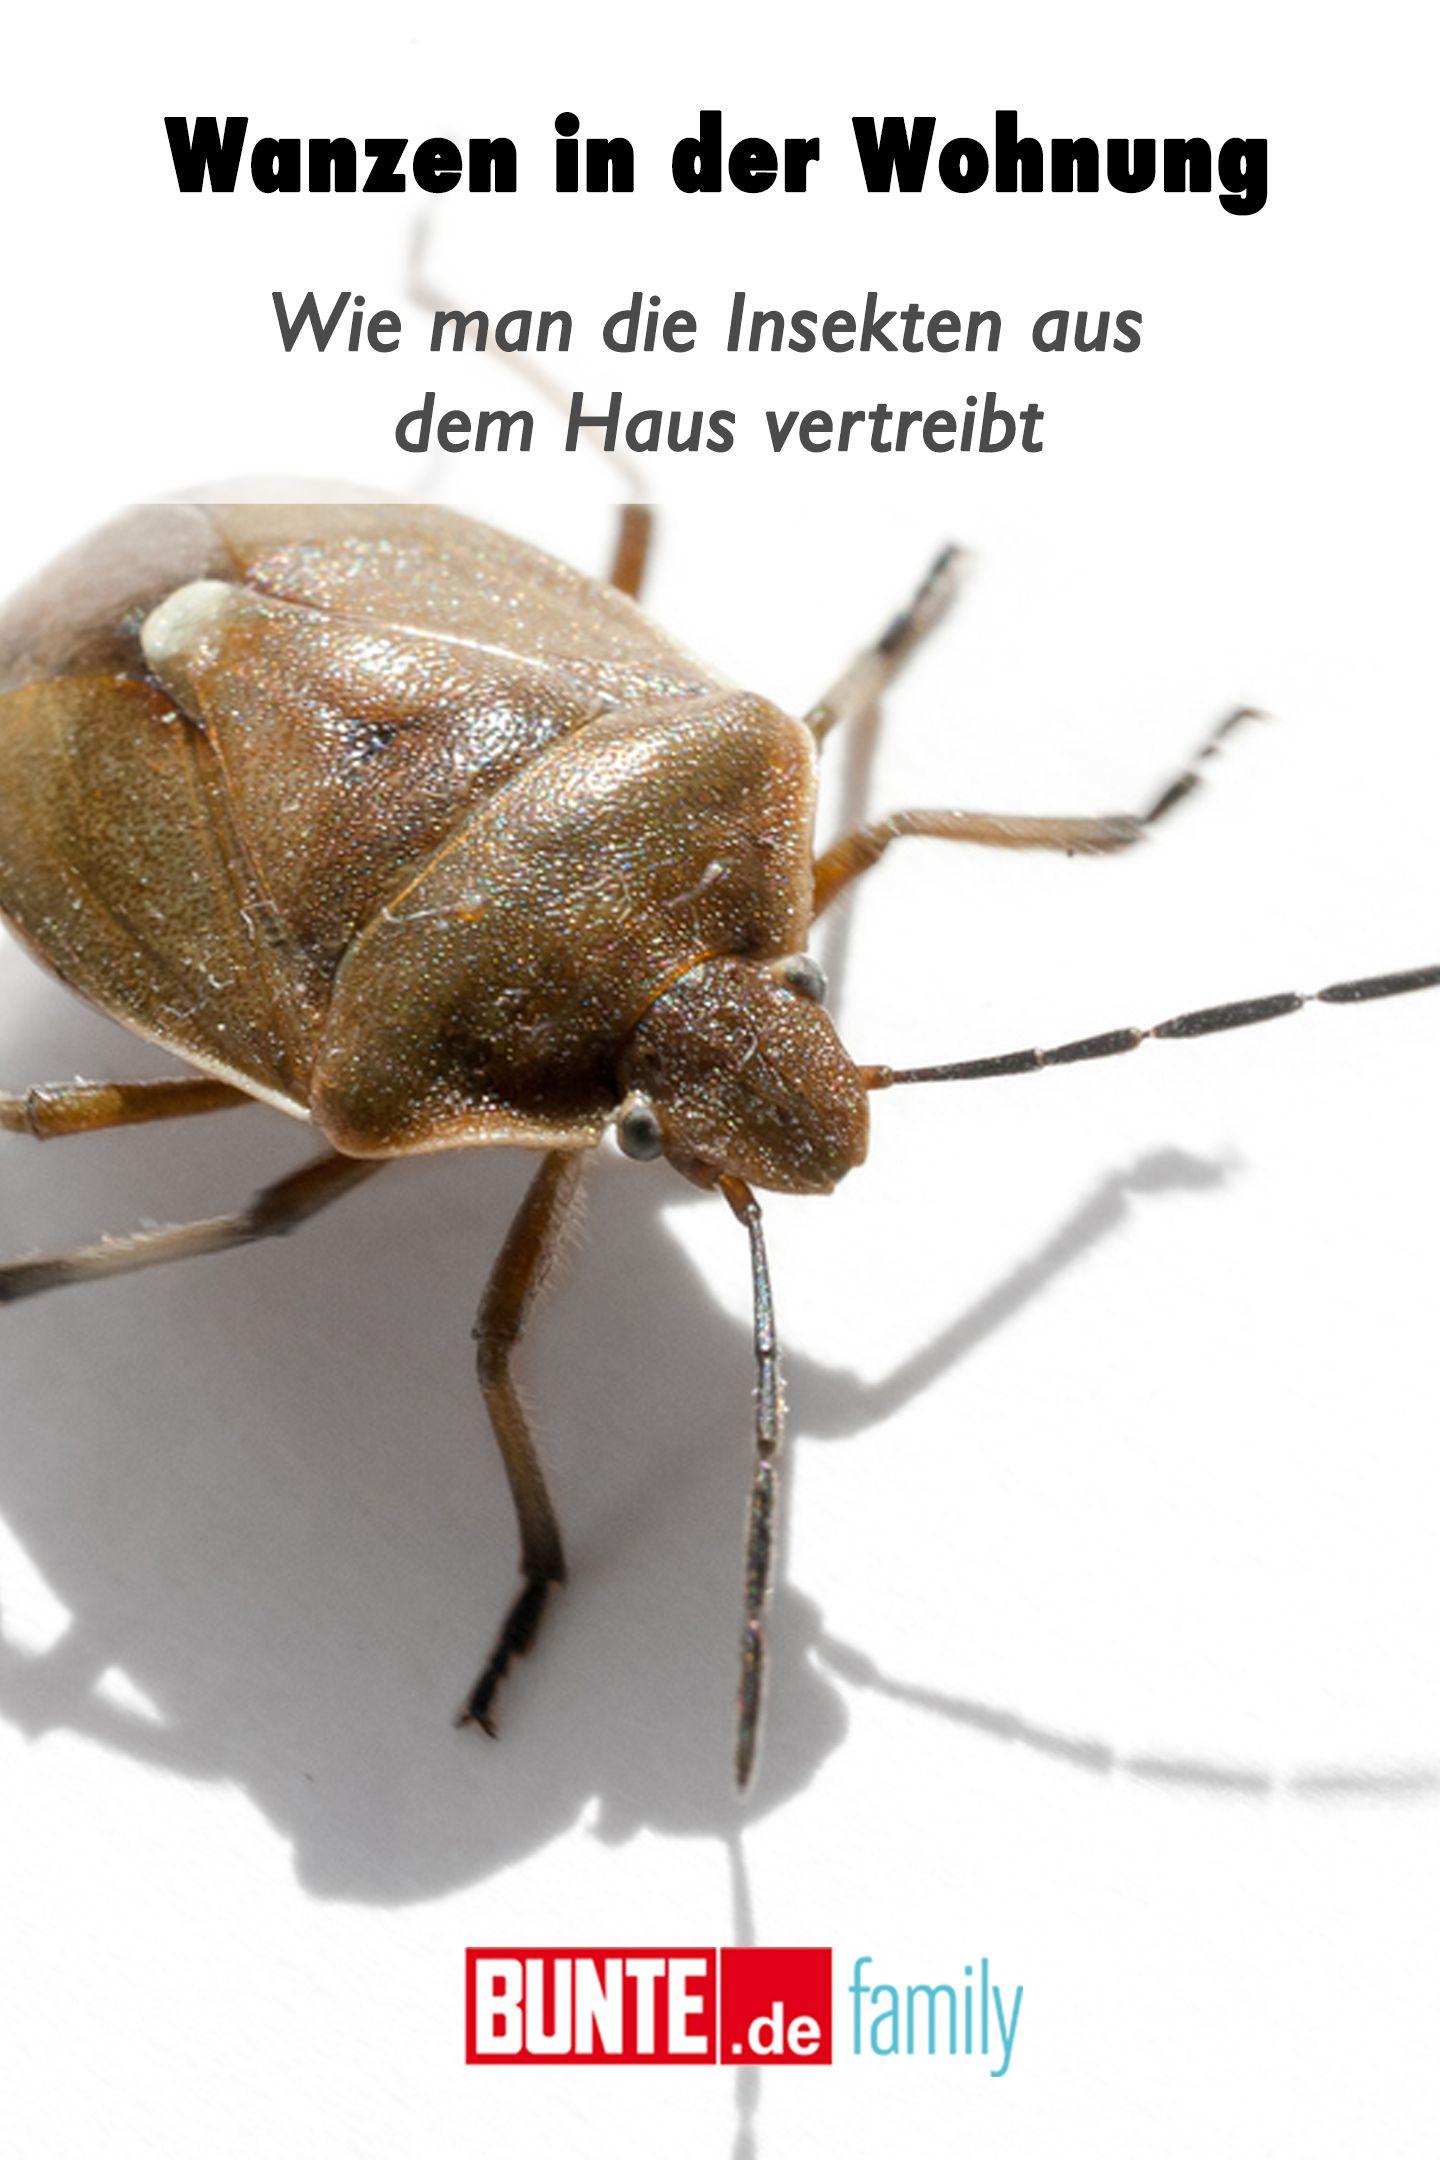 Wanzen In Der Wohnung Wie Man Die Insekten Aus Dem Haus Vertreibt Vertreiben Insekten Und Life Hacks Haushalt